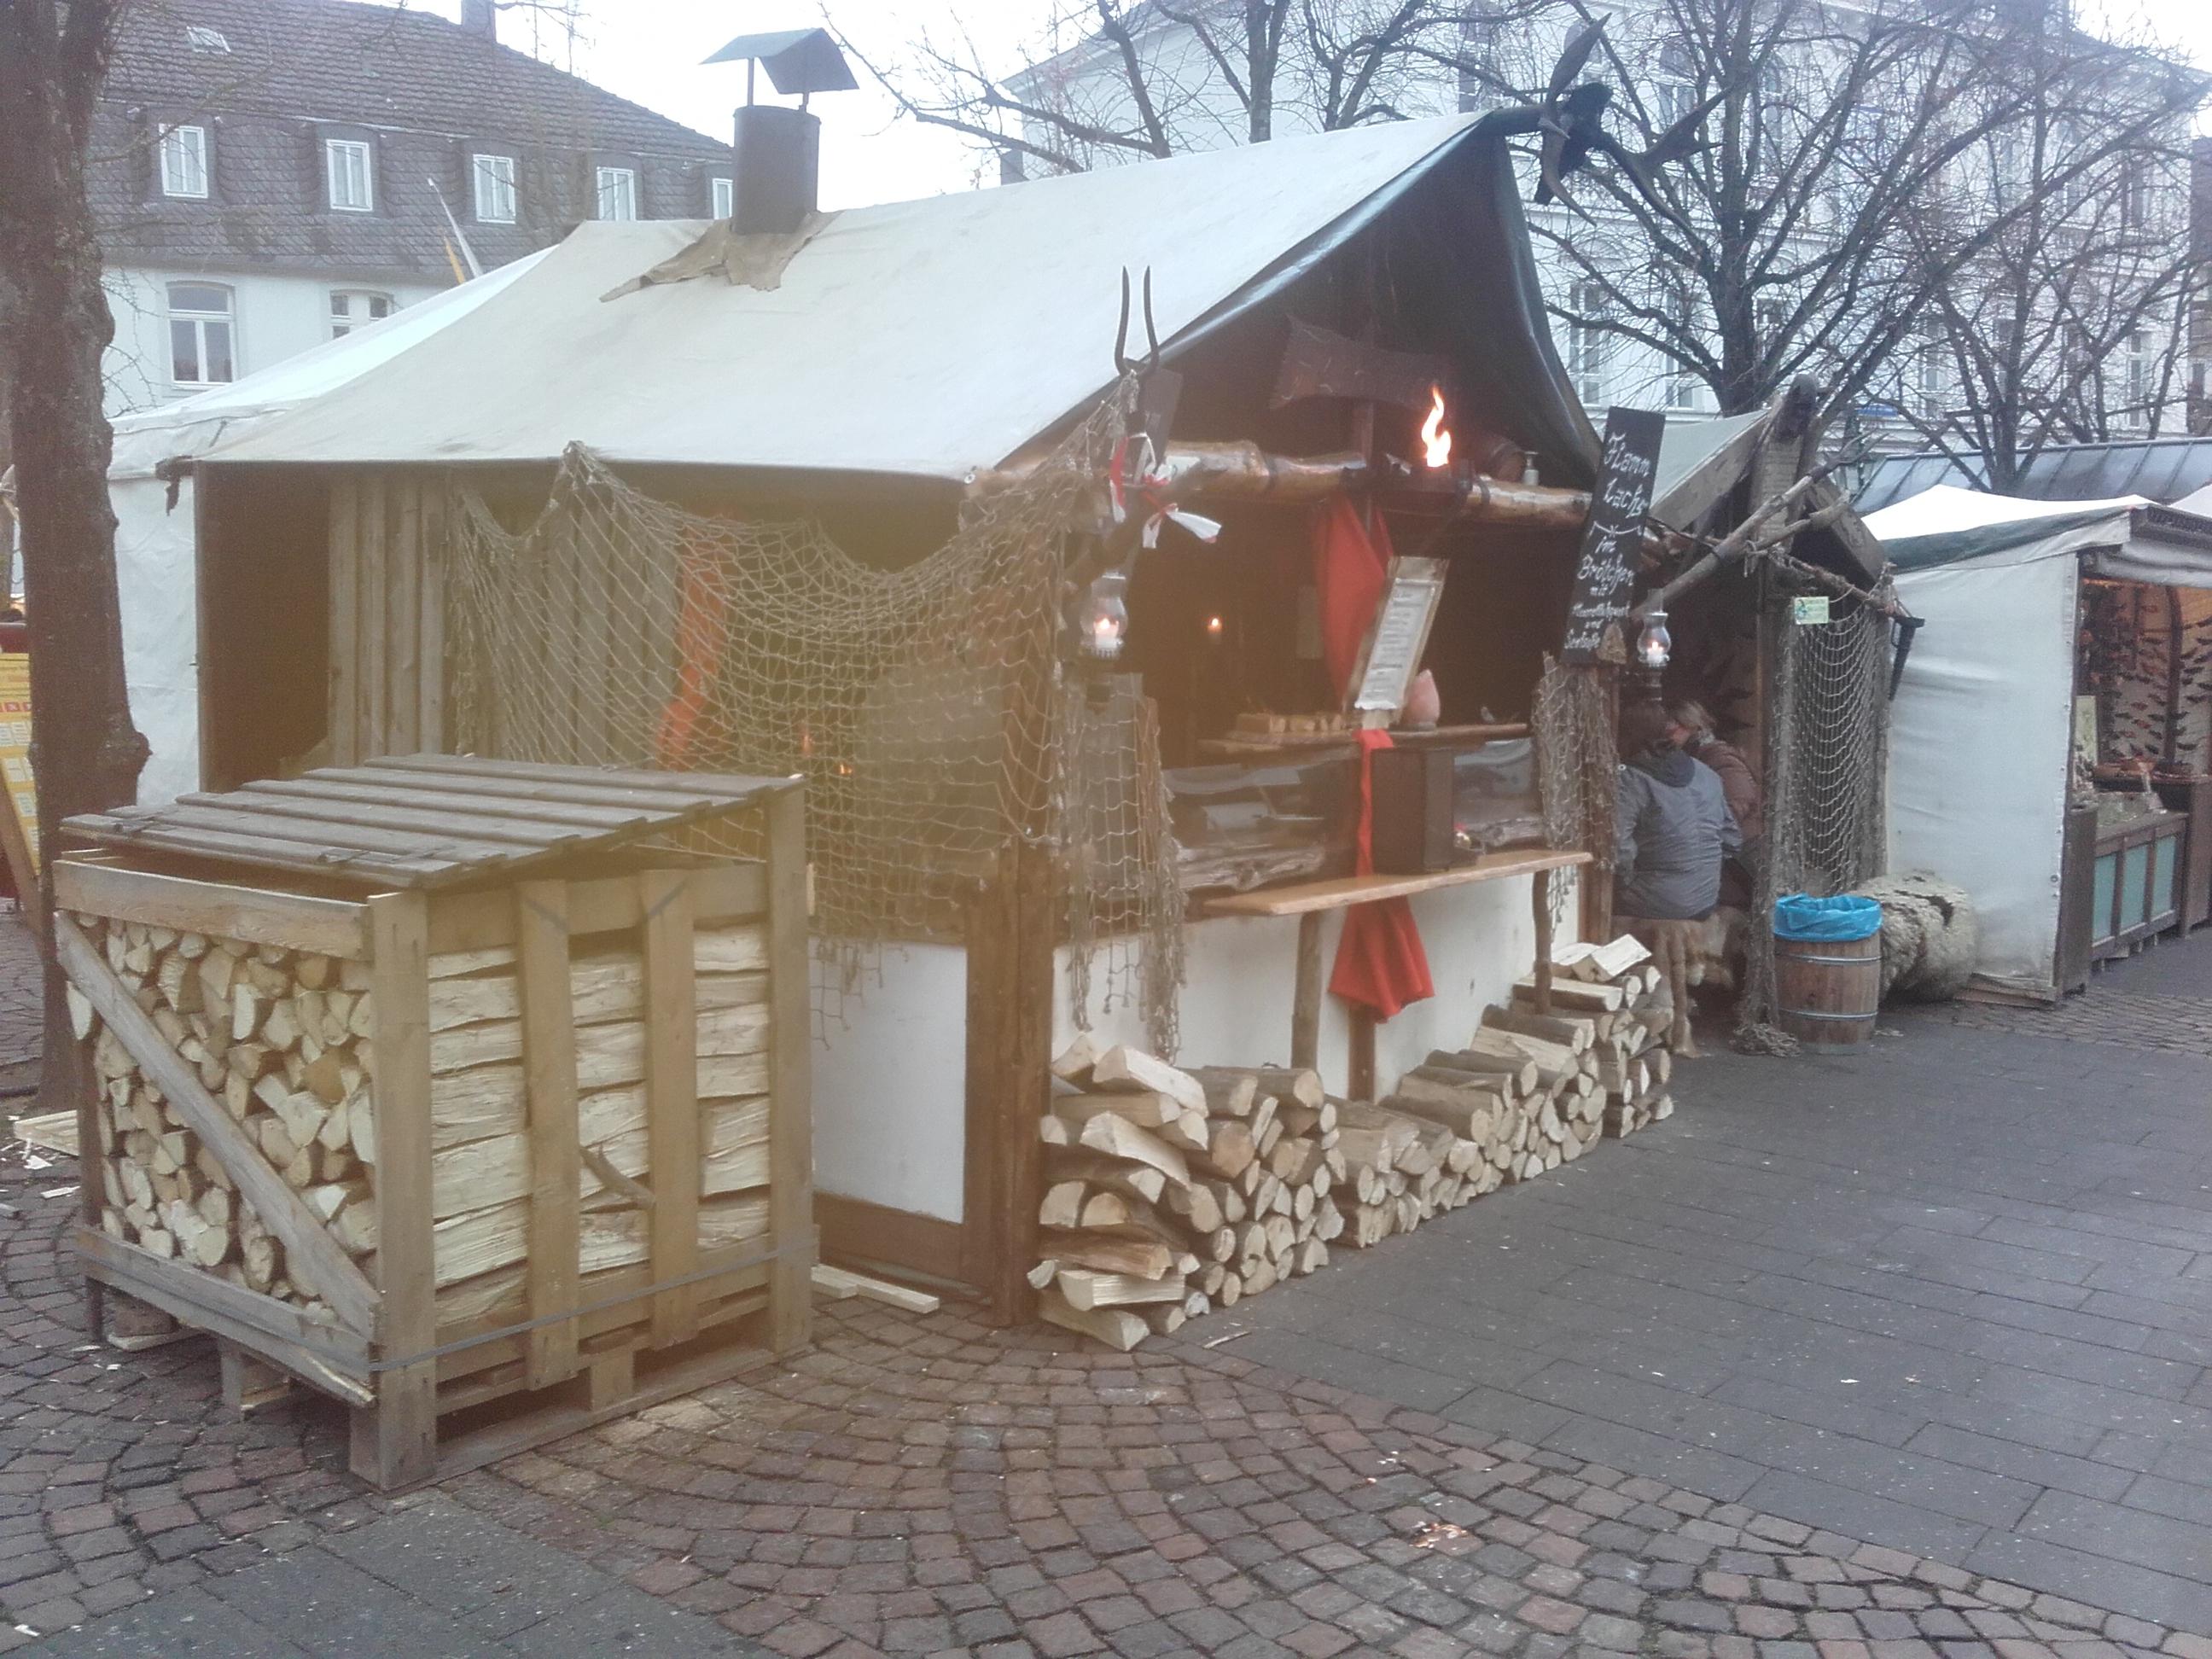 Flammlachsstand auf dem Mittelaltermarkt